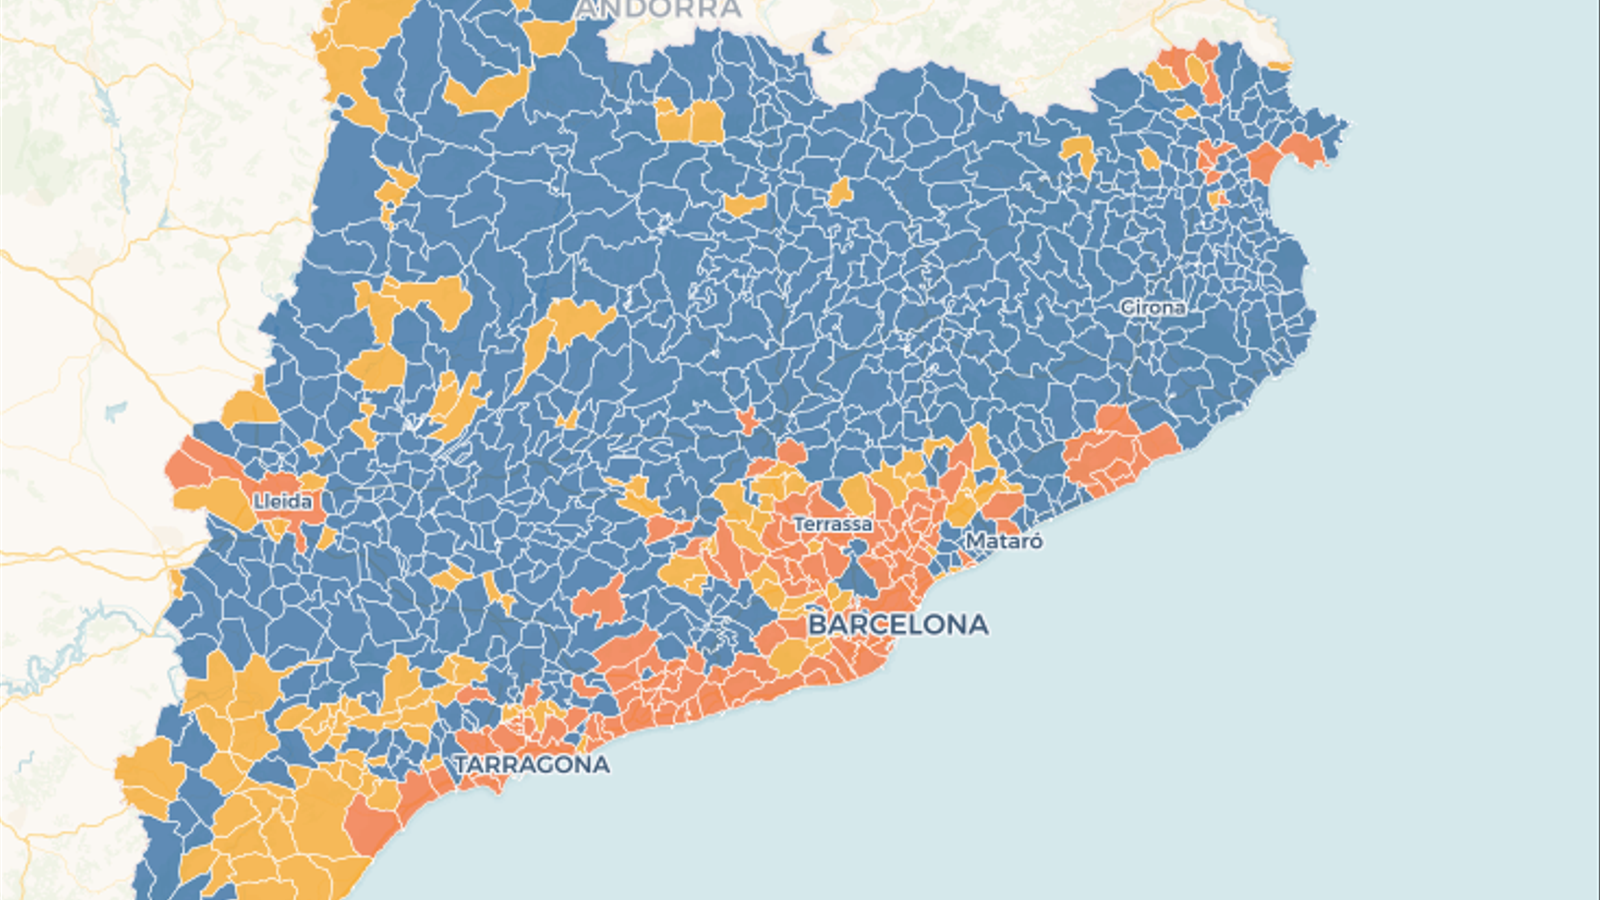 Consulta aquí tots els mapes interactius del 21-D